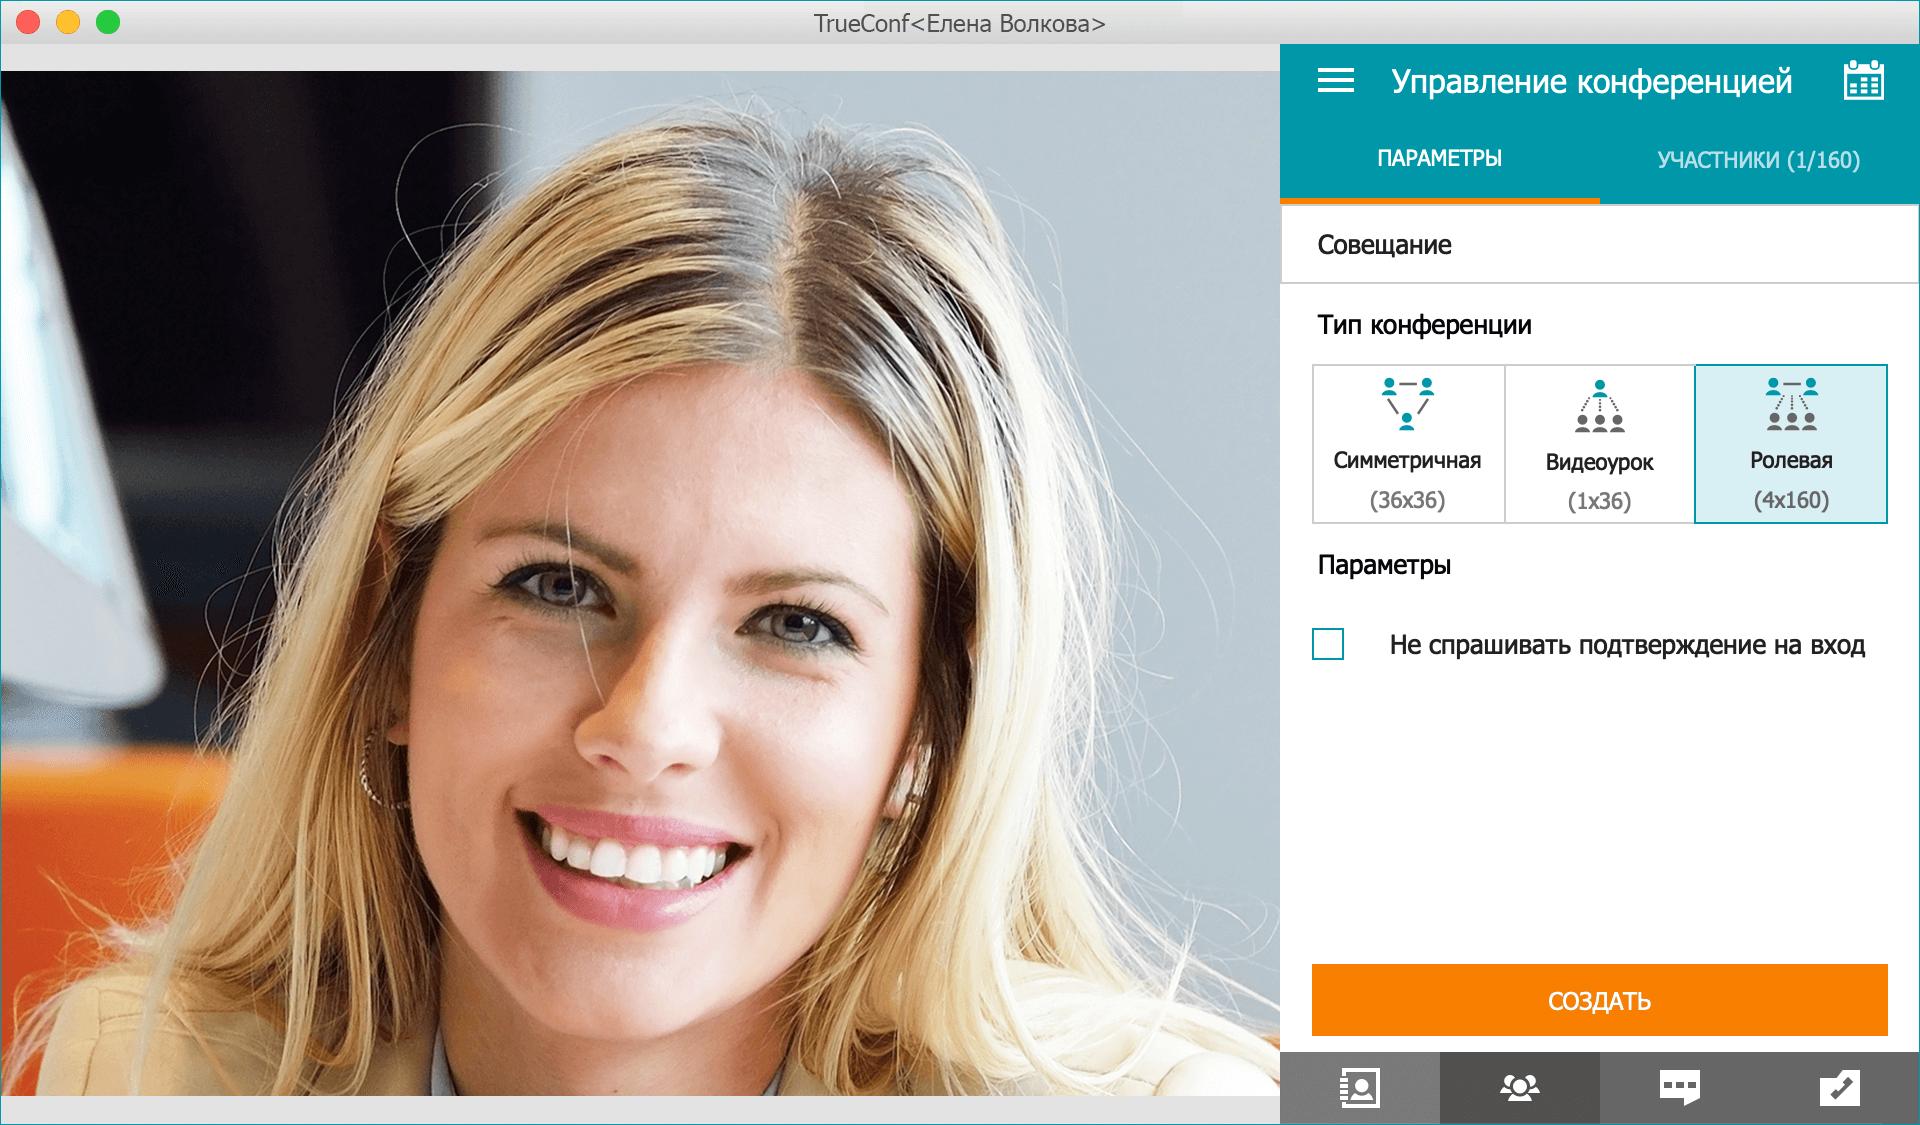 Всем ли участникам необходимо поставить клиентское приложение TrueConf для общения? 1